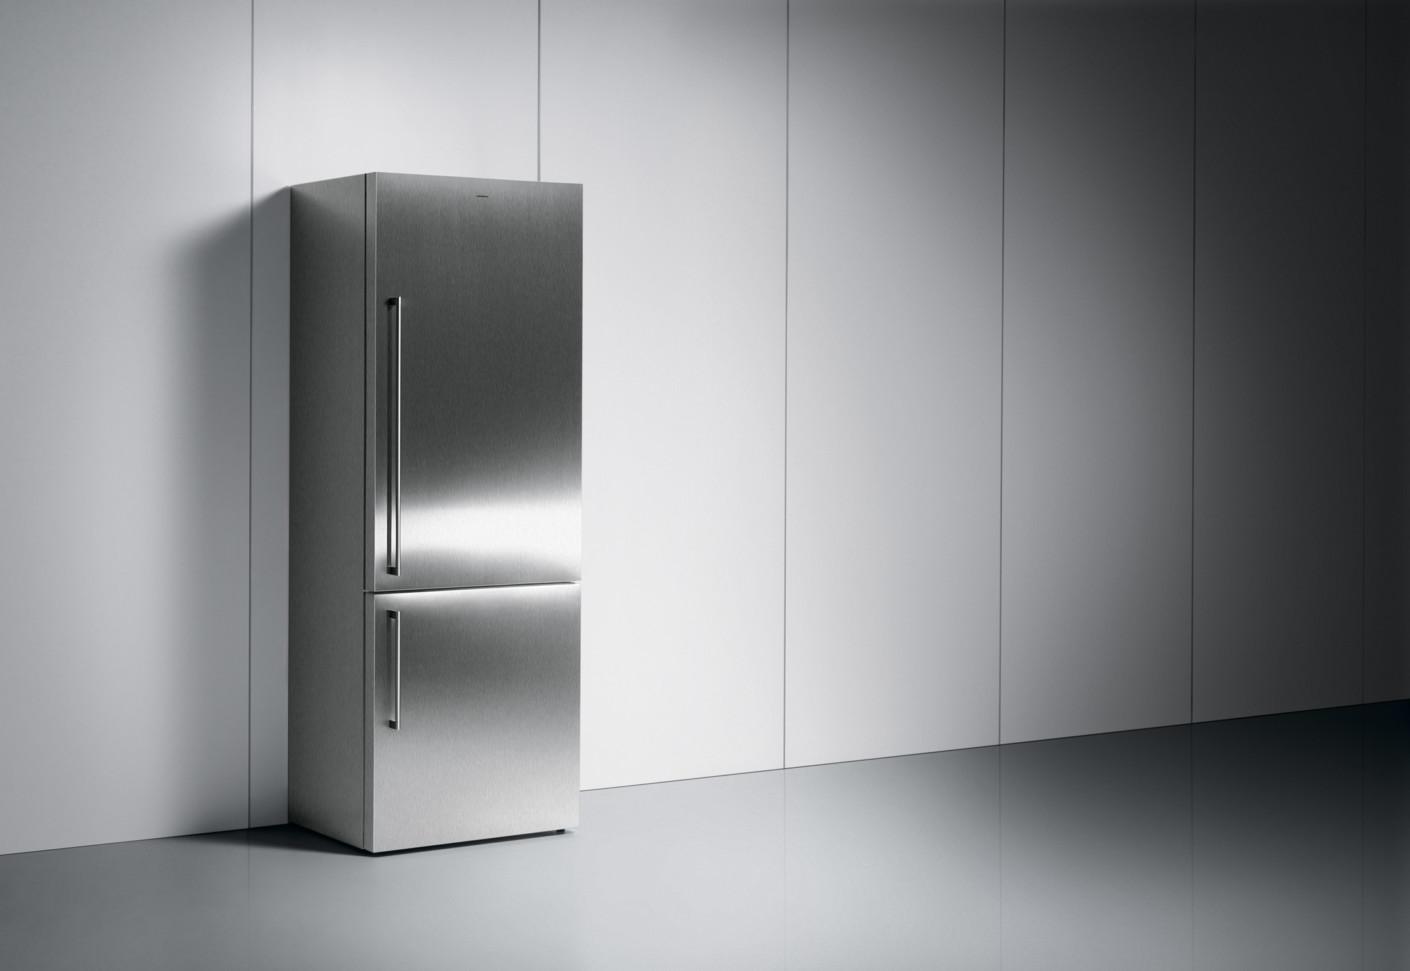 Kleiner Kühlschrank Retro : Rb 272 von gaggenau stylepark